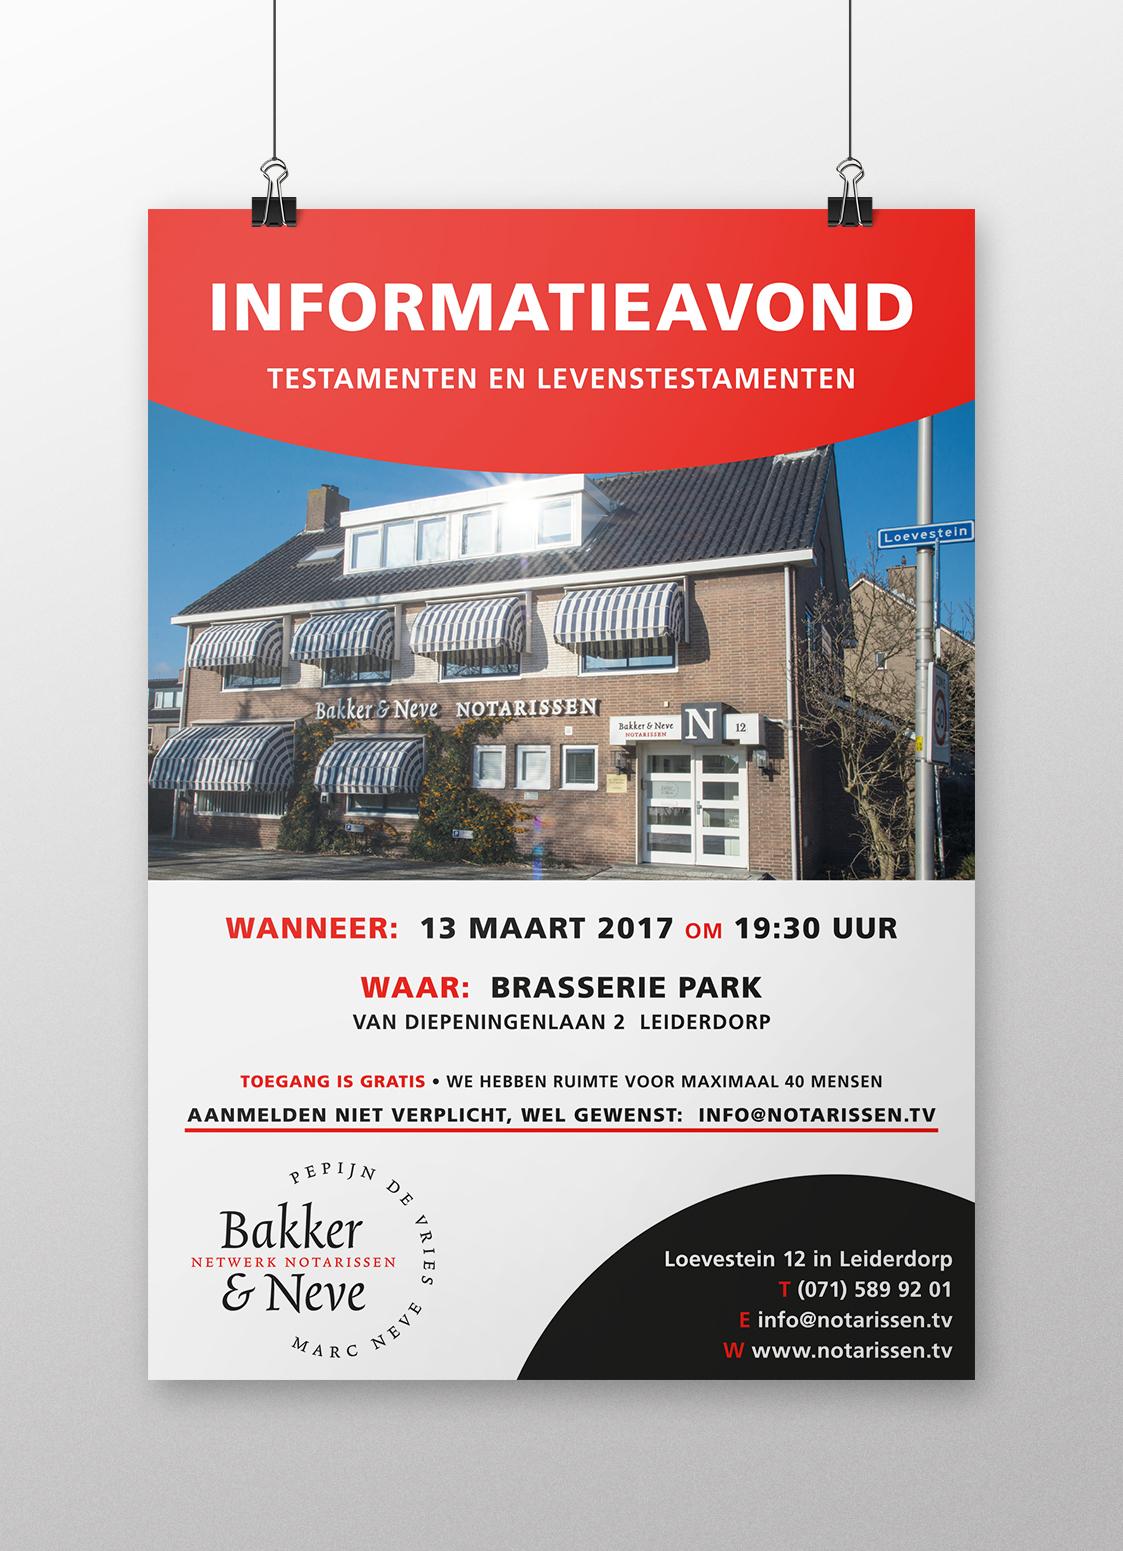 Bakker&Neve notarissen_A3 poster 13 maart 2017